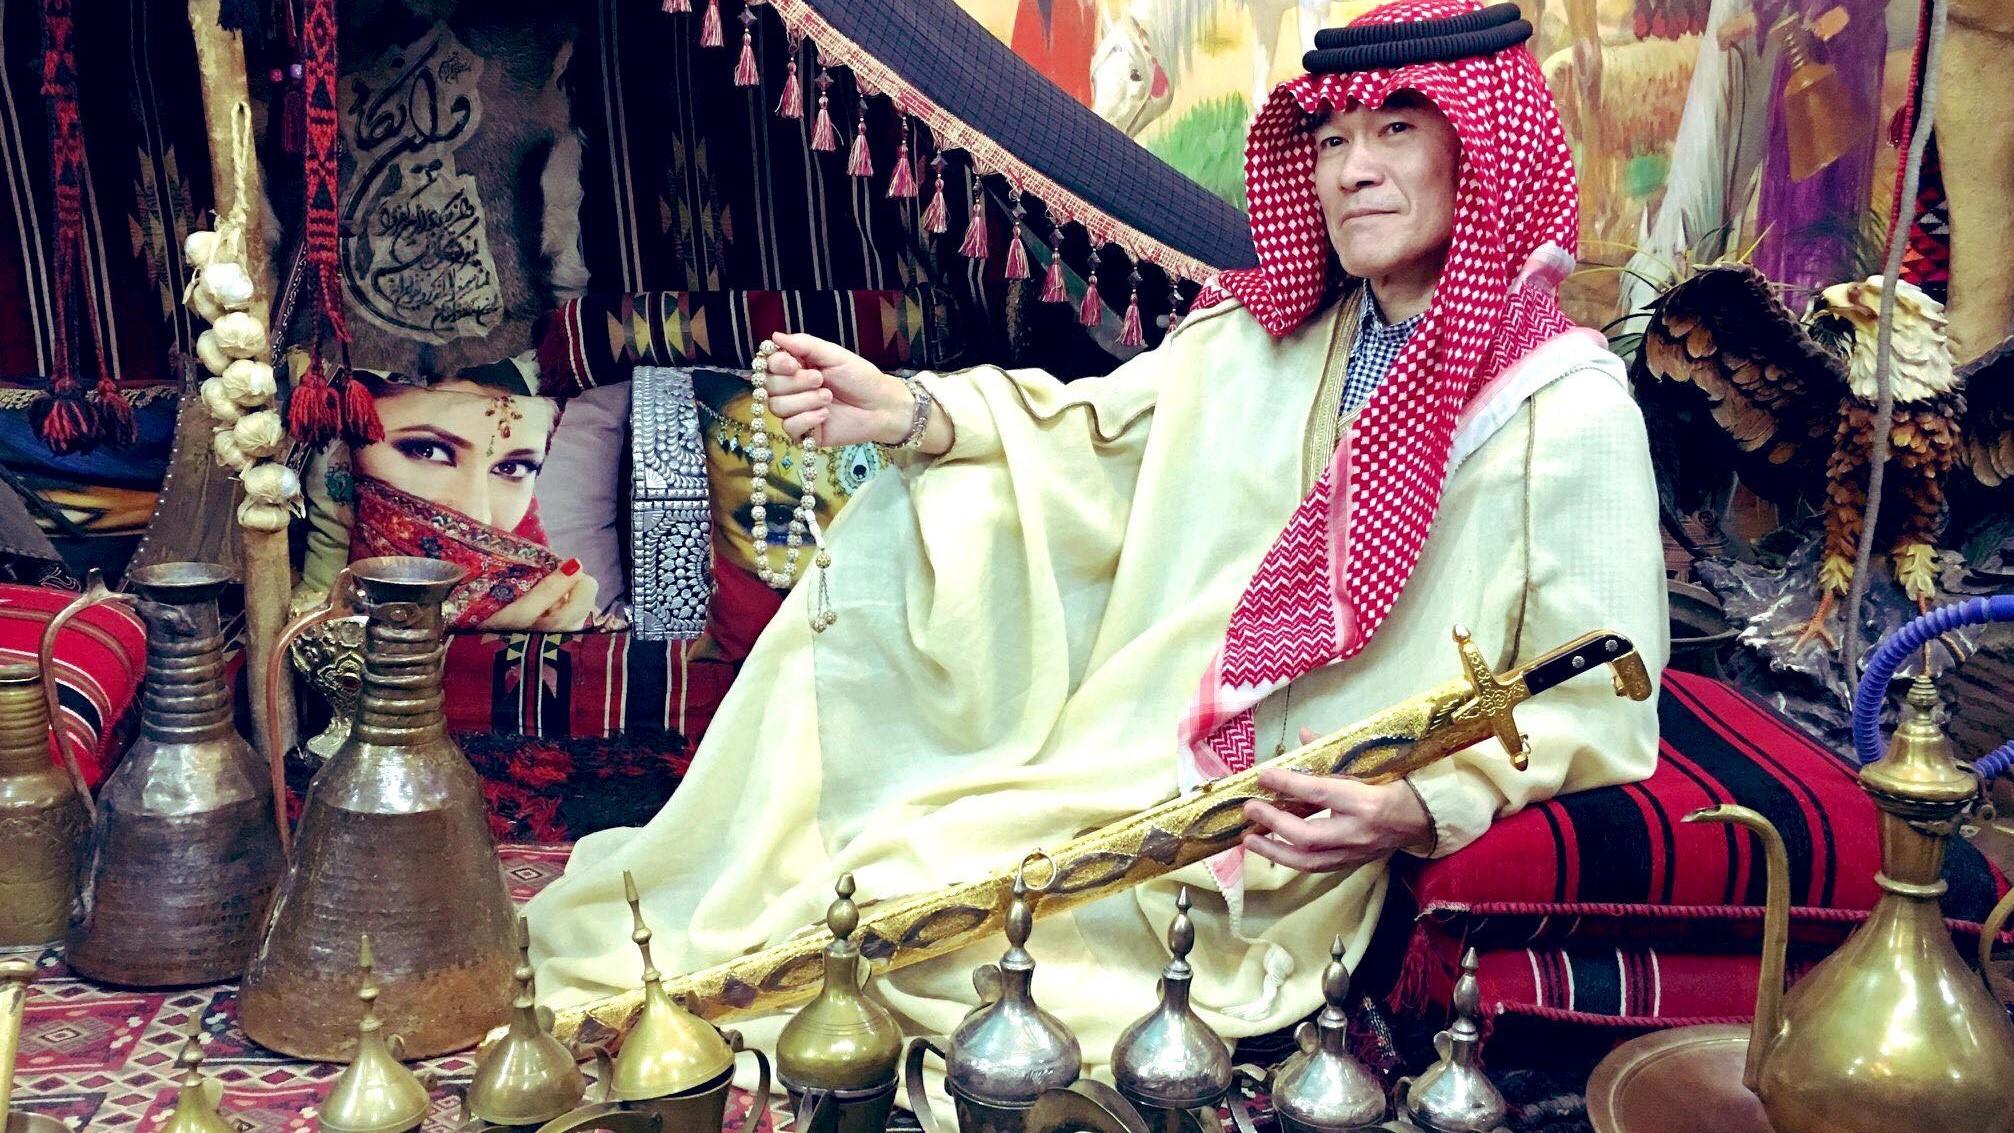 """(صور) السفير الياباني لدى بغداد يتجول بالزي العربي.. ومعلقون: """"هلا بالشيخ"""""""